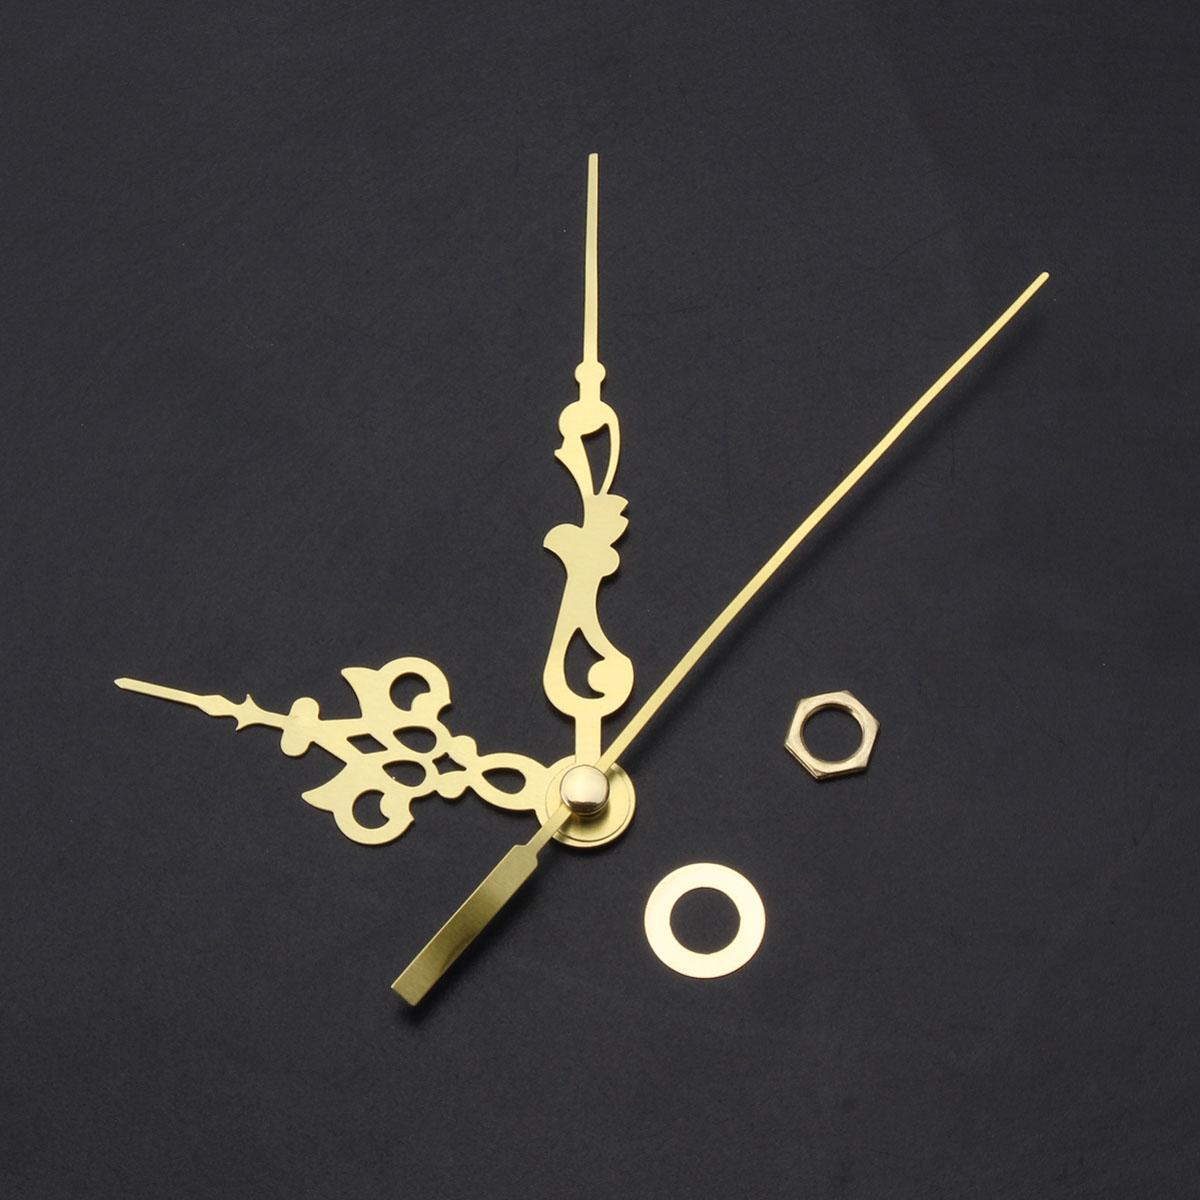 DIY Replacement Quartz Clock Movement Hands Mute Mechanism Repair Kit